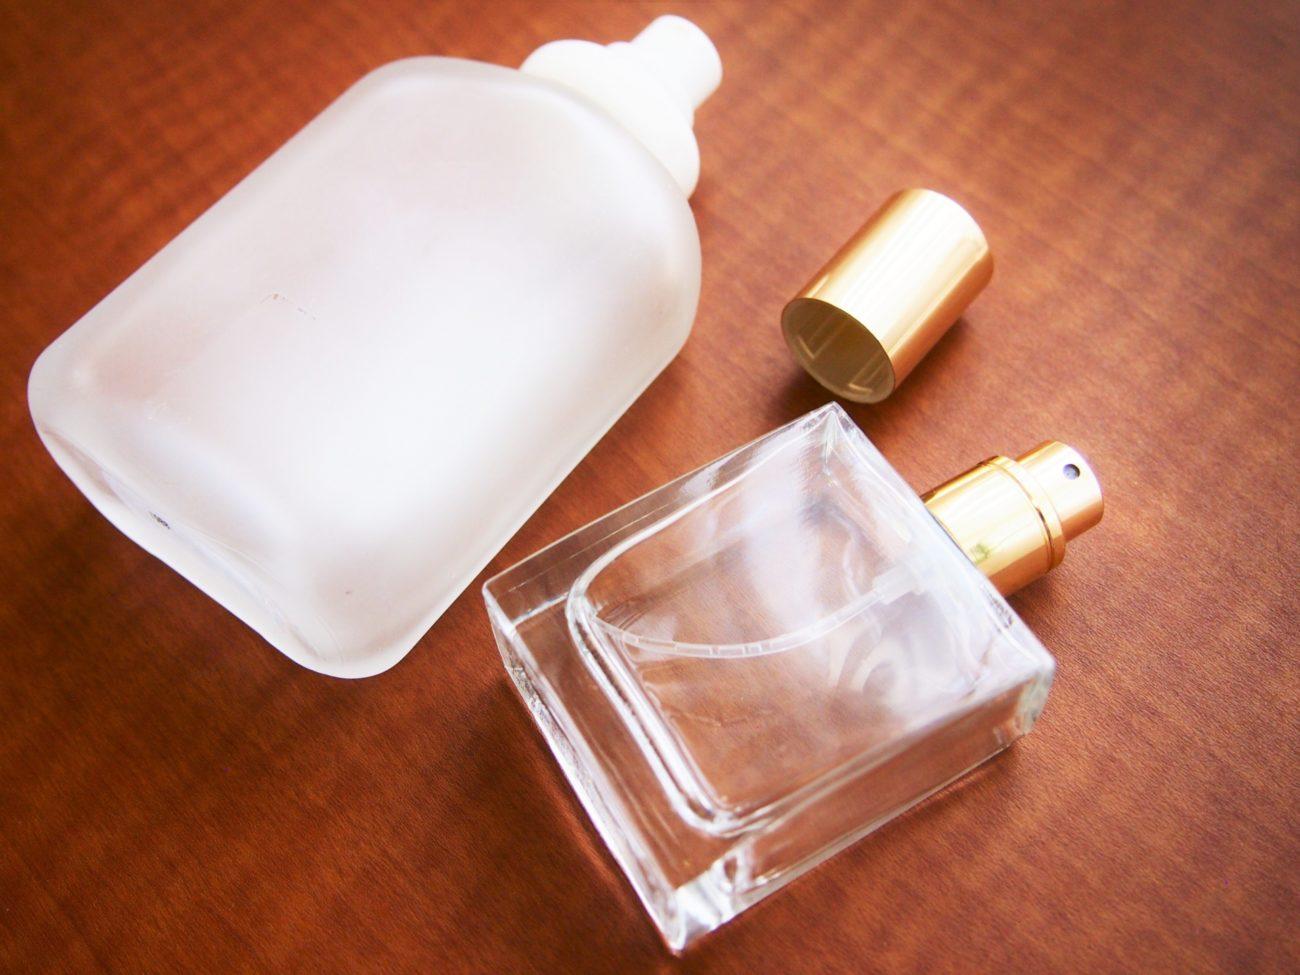 官能的&モダンな香りでセレブに人気!【ヴェルサーチ】の香水13選(メンズ・レディース)